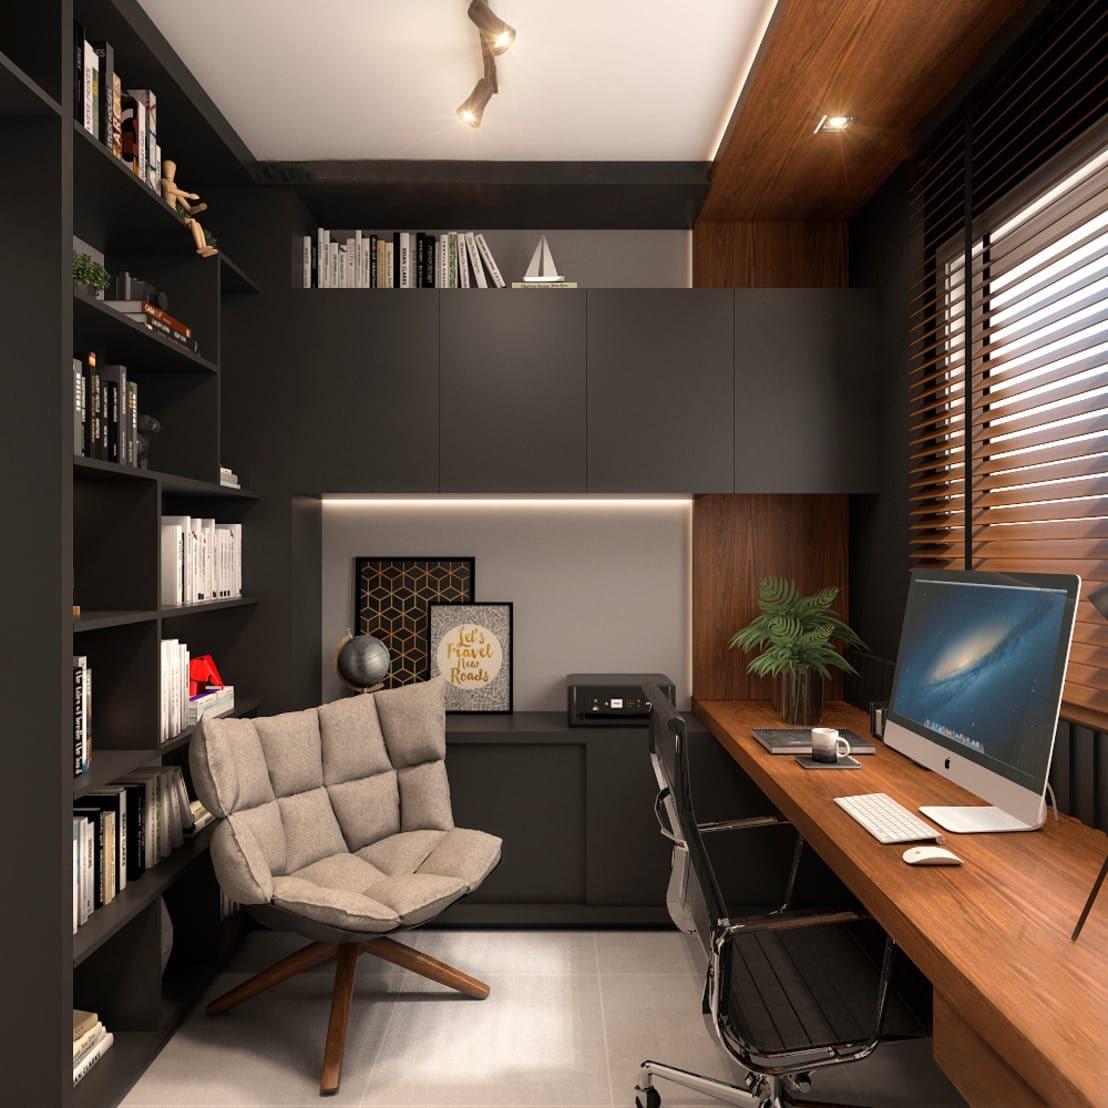 هوم آفیس یا دفتر خانگی چیست؟